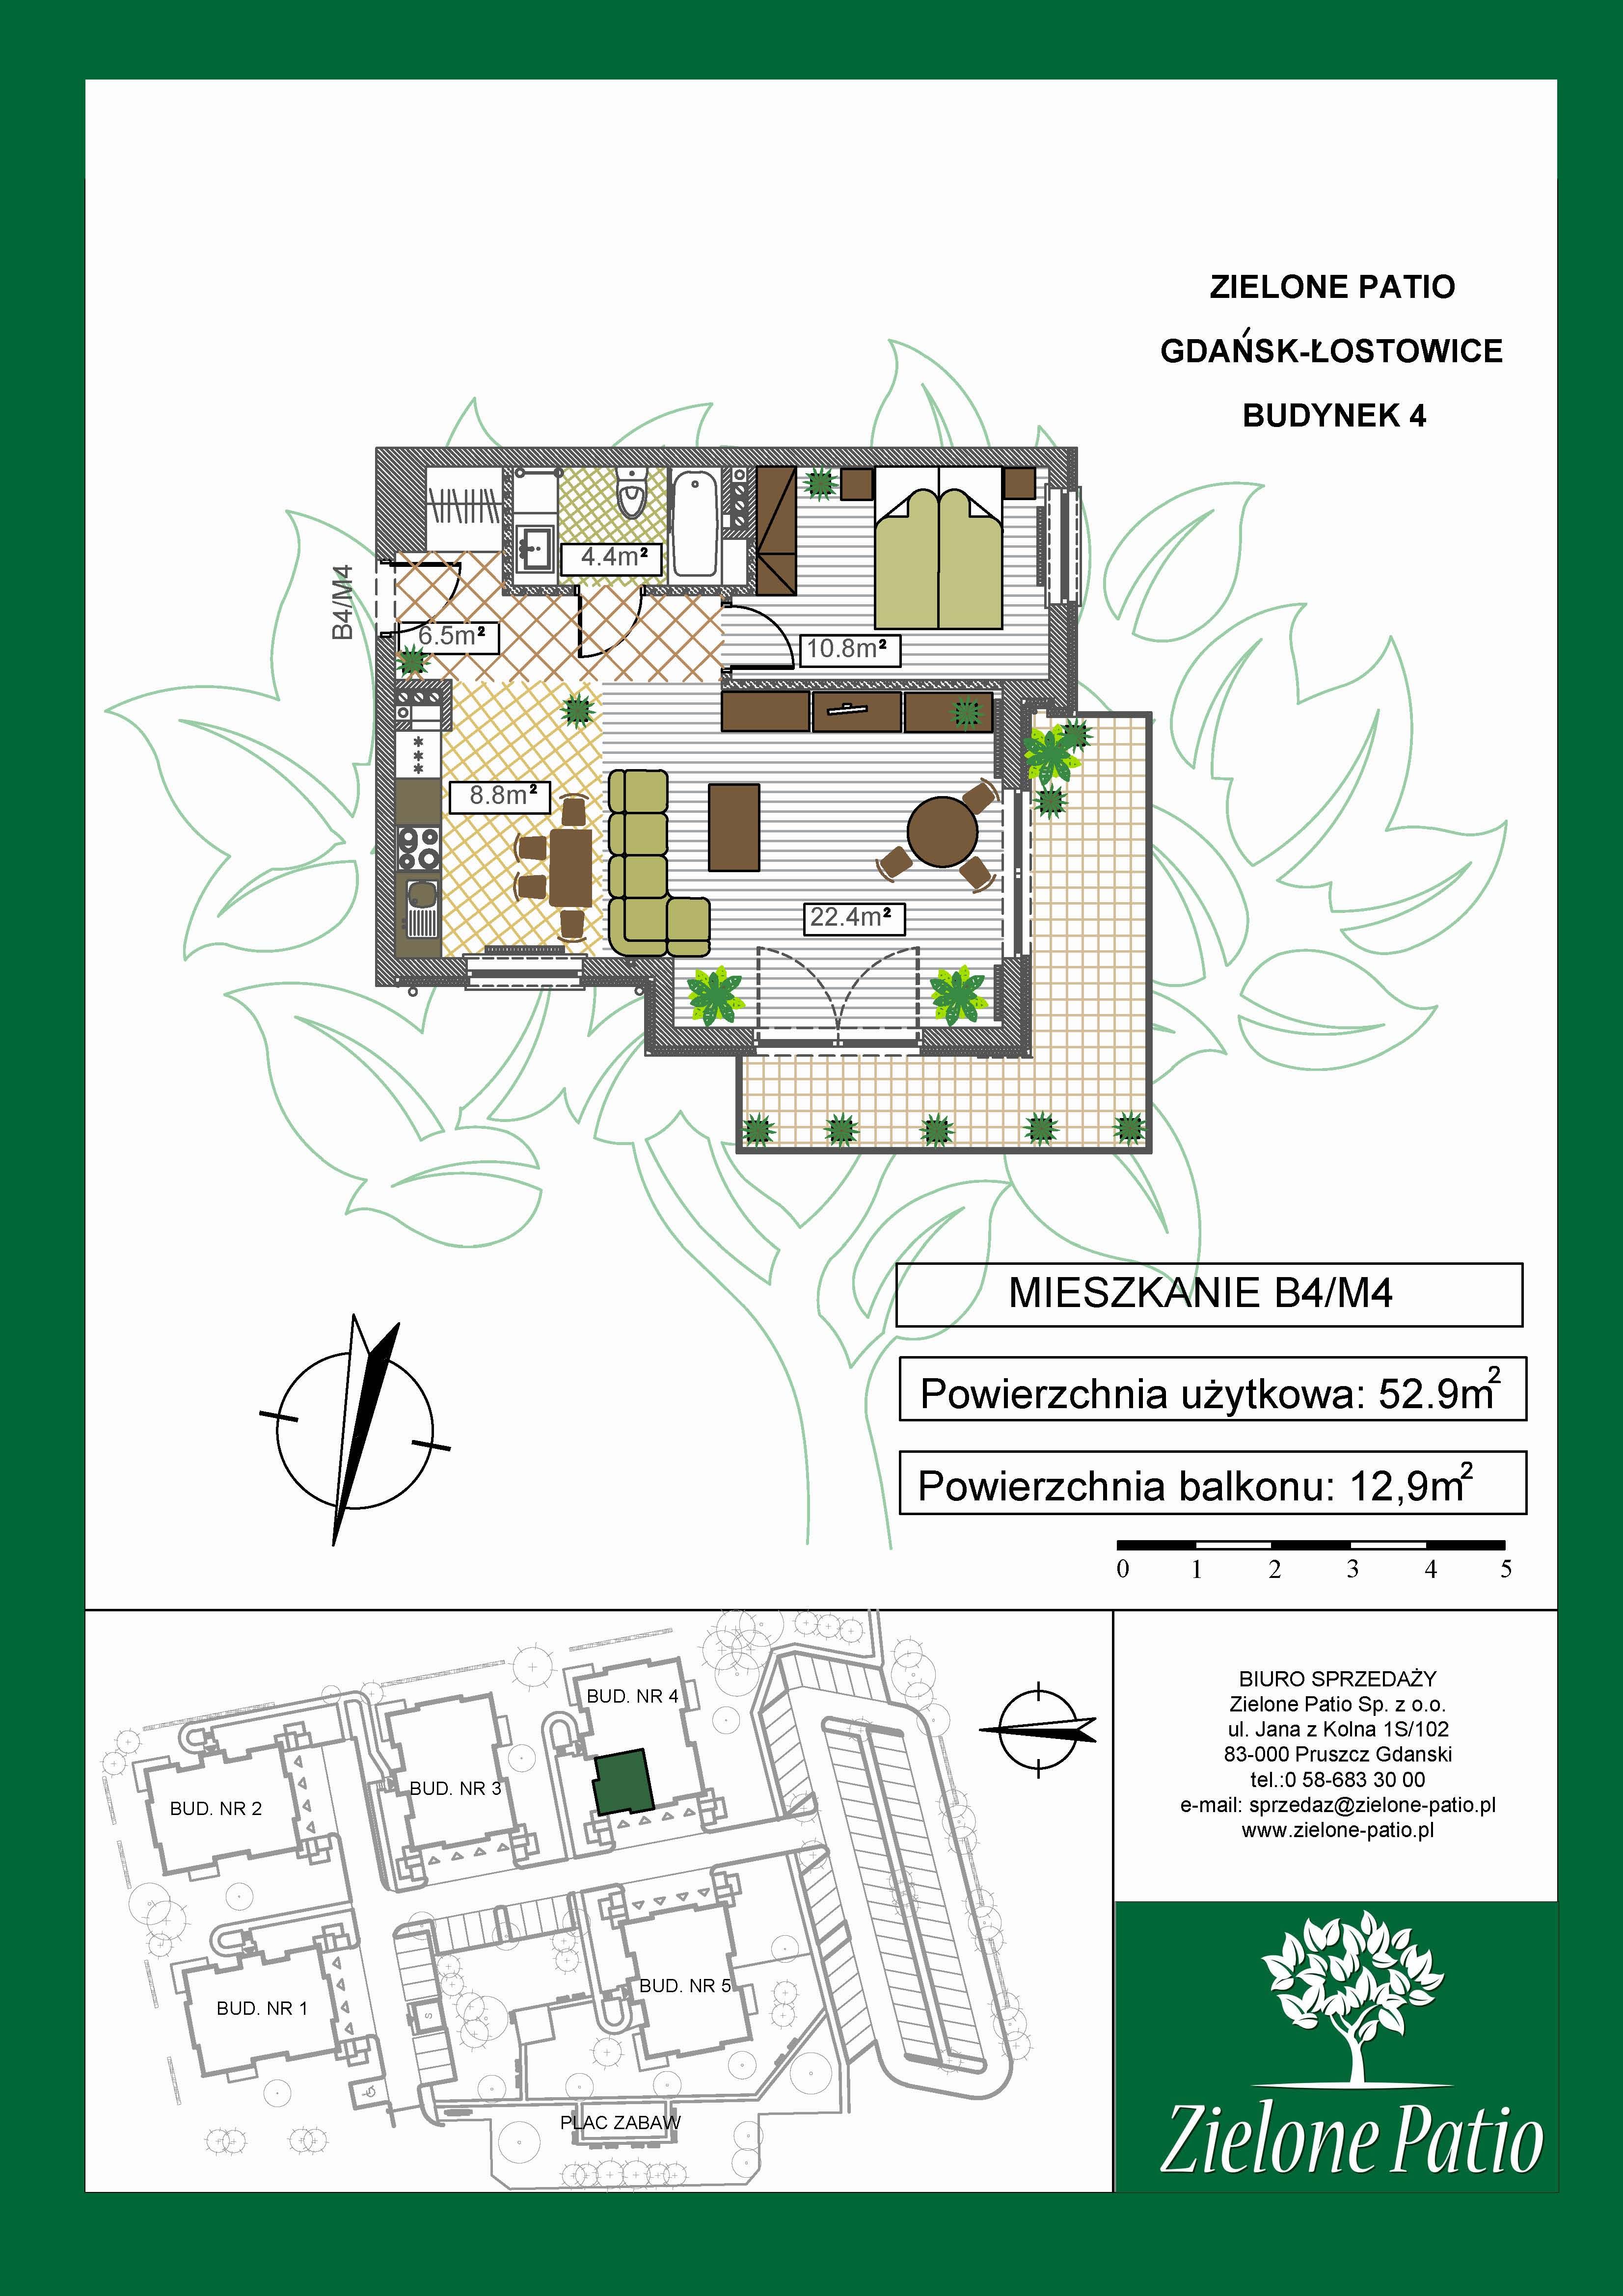 Plan M4 Zielone Patio, Budynek nr 4